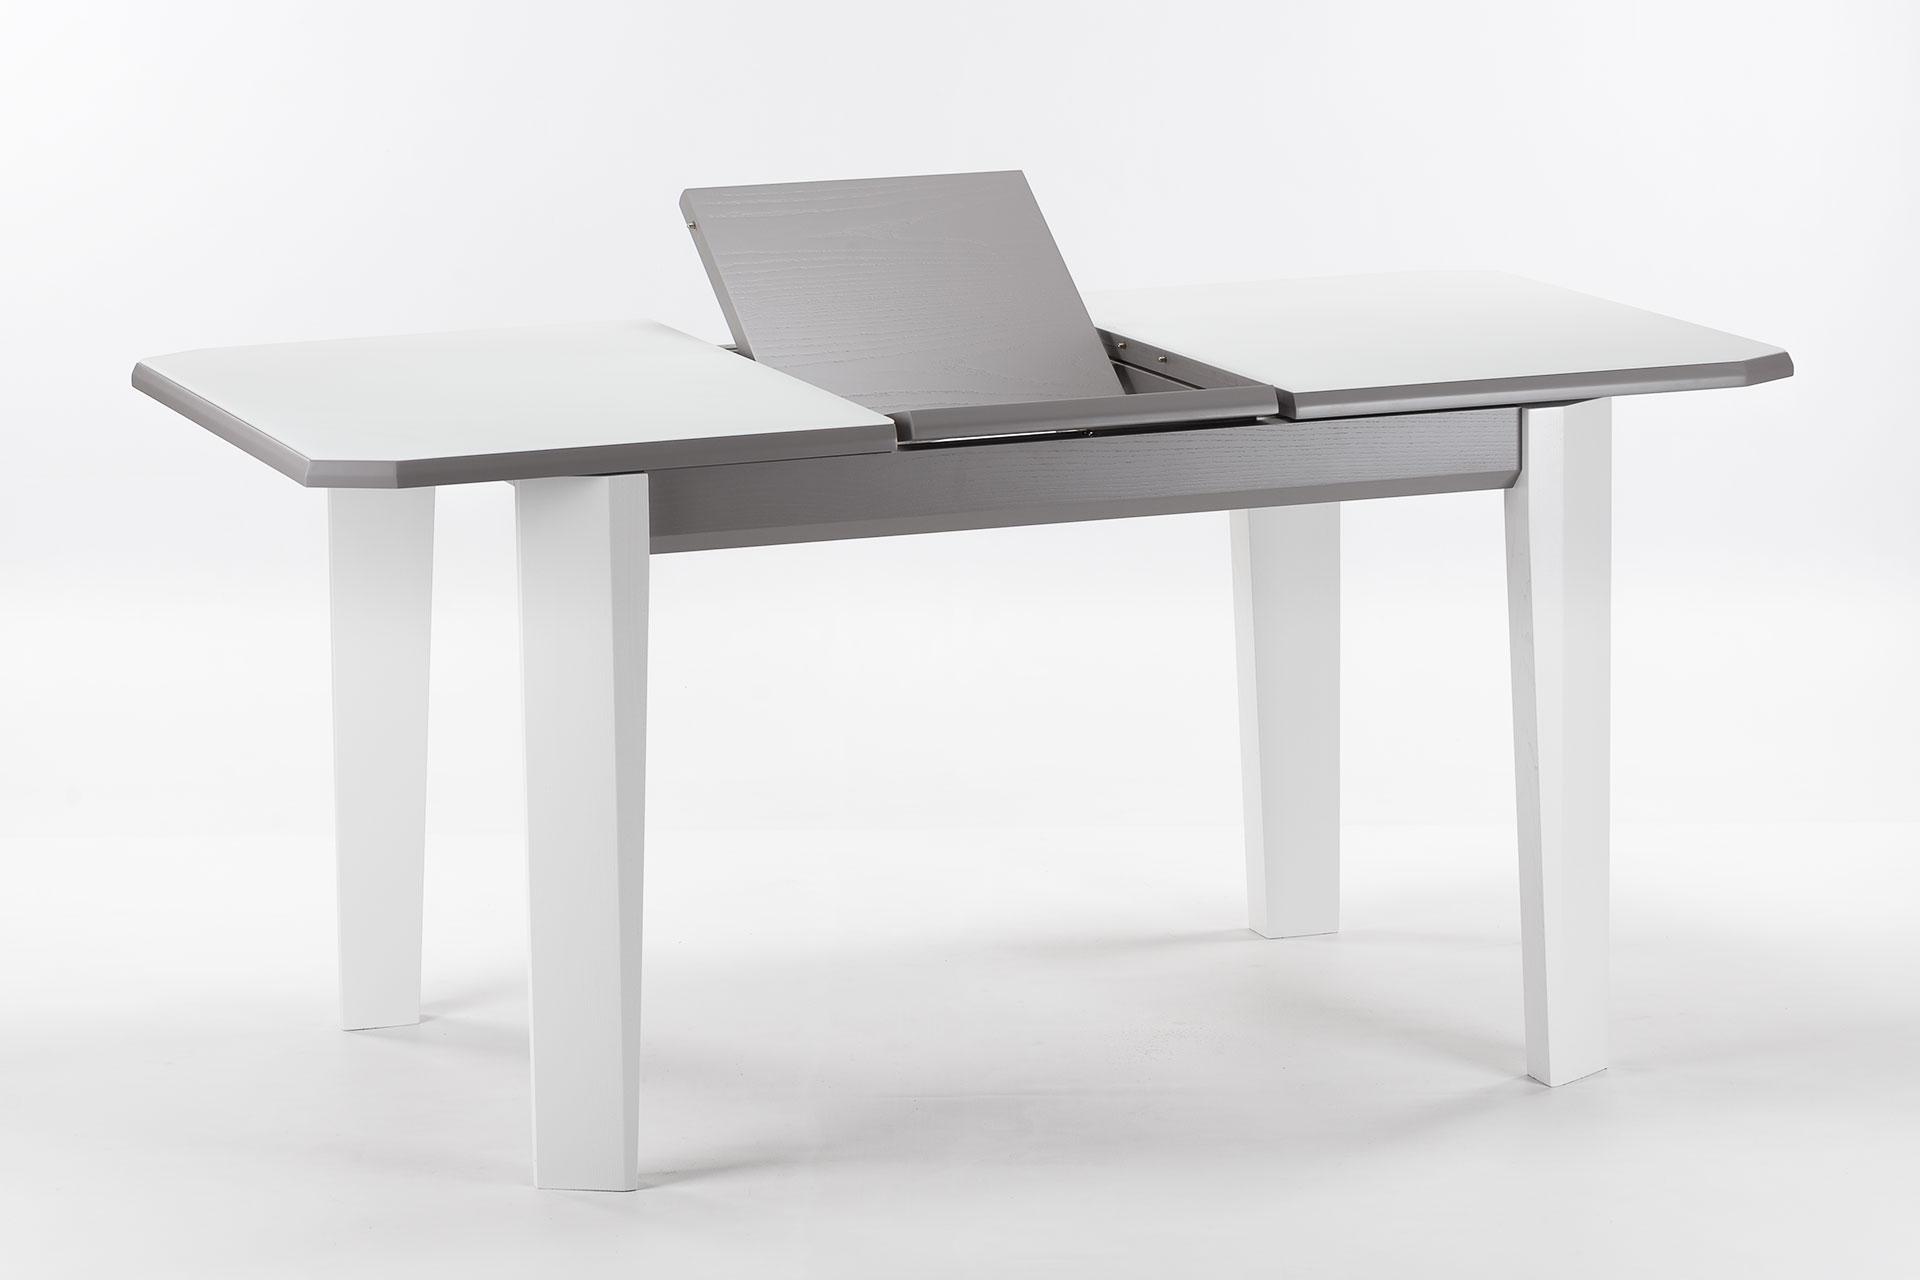 """Деревянный раскладной кухонный стол """"Варгас"""" с белой стеклянной столешницей, серой вставкой столешницы, белыми ножками, твердое дерево"""